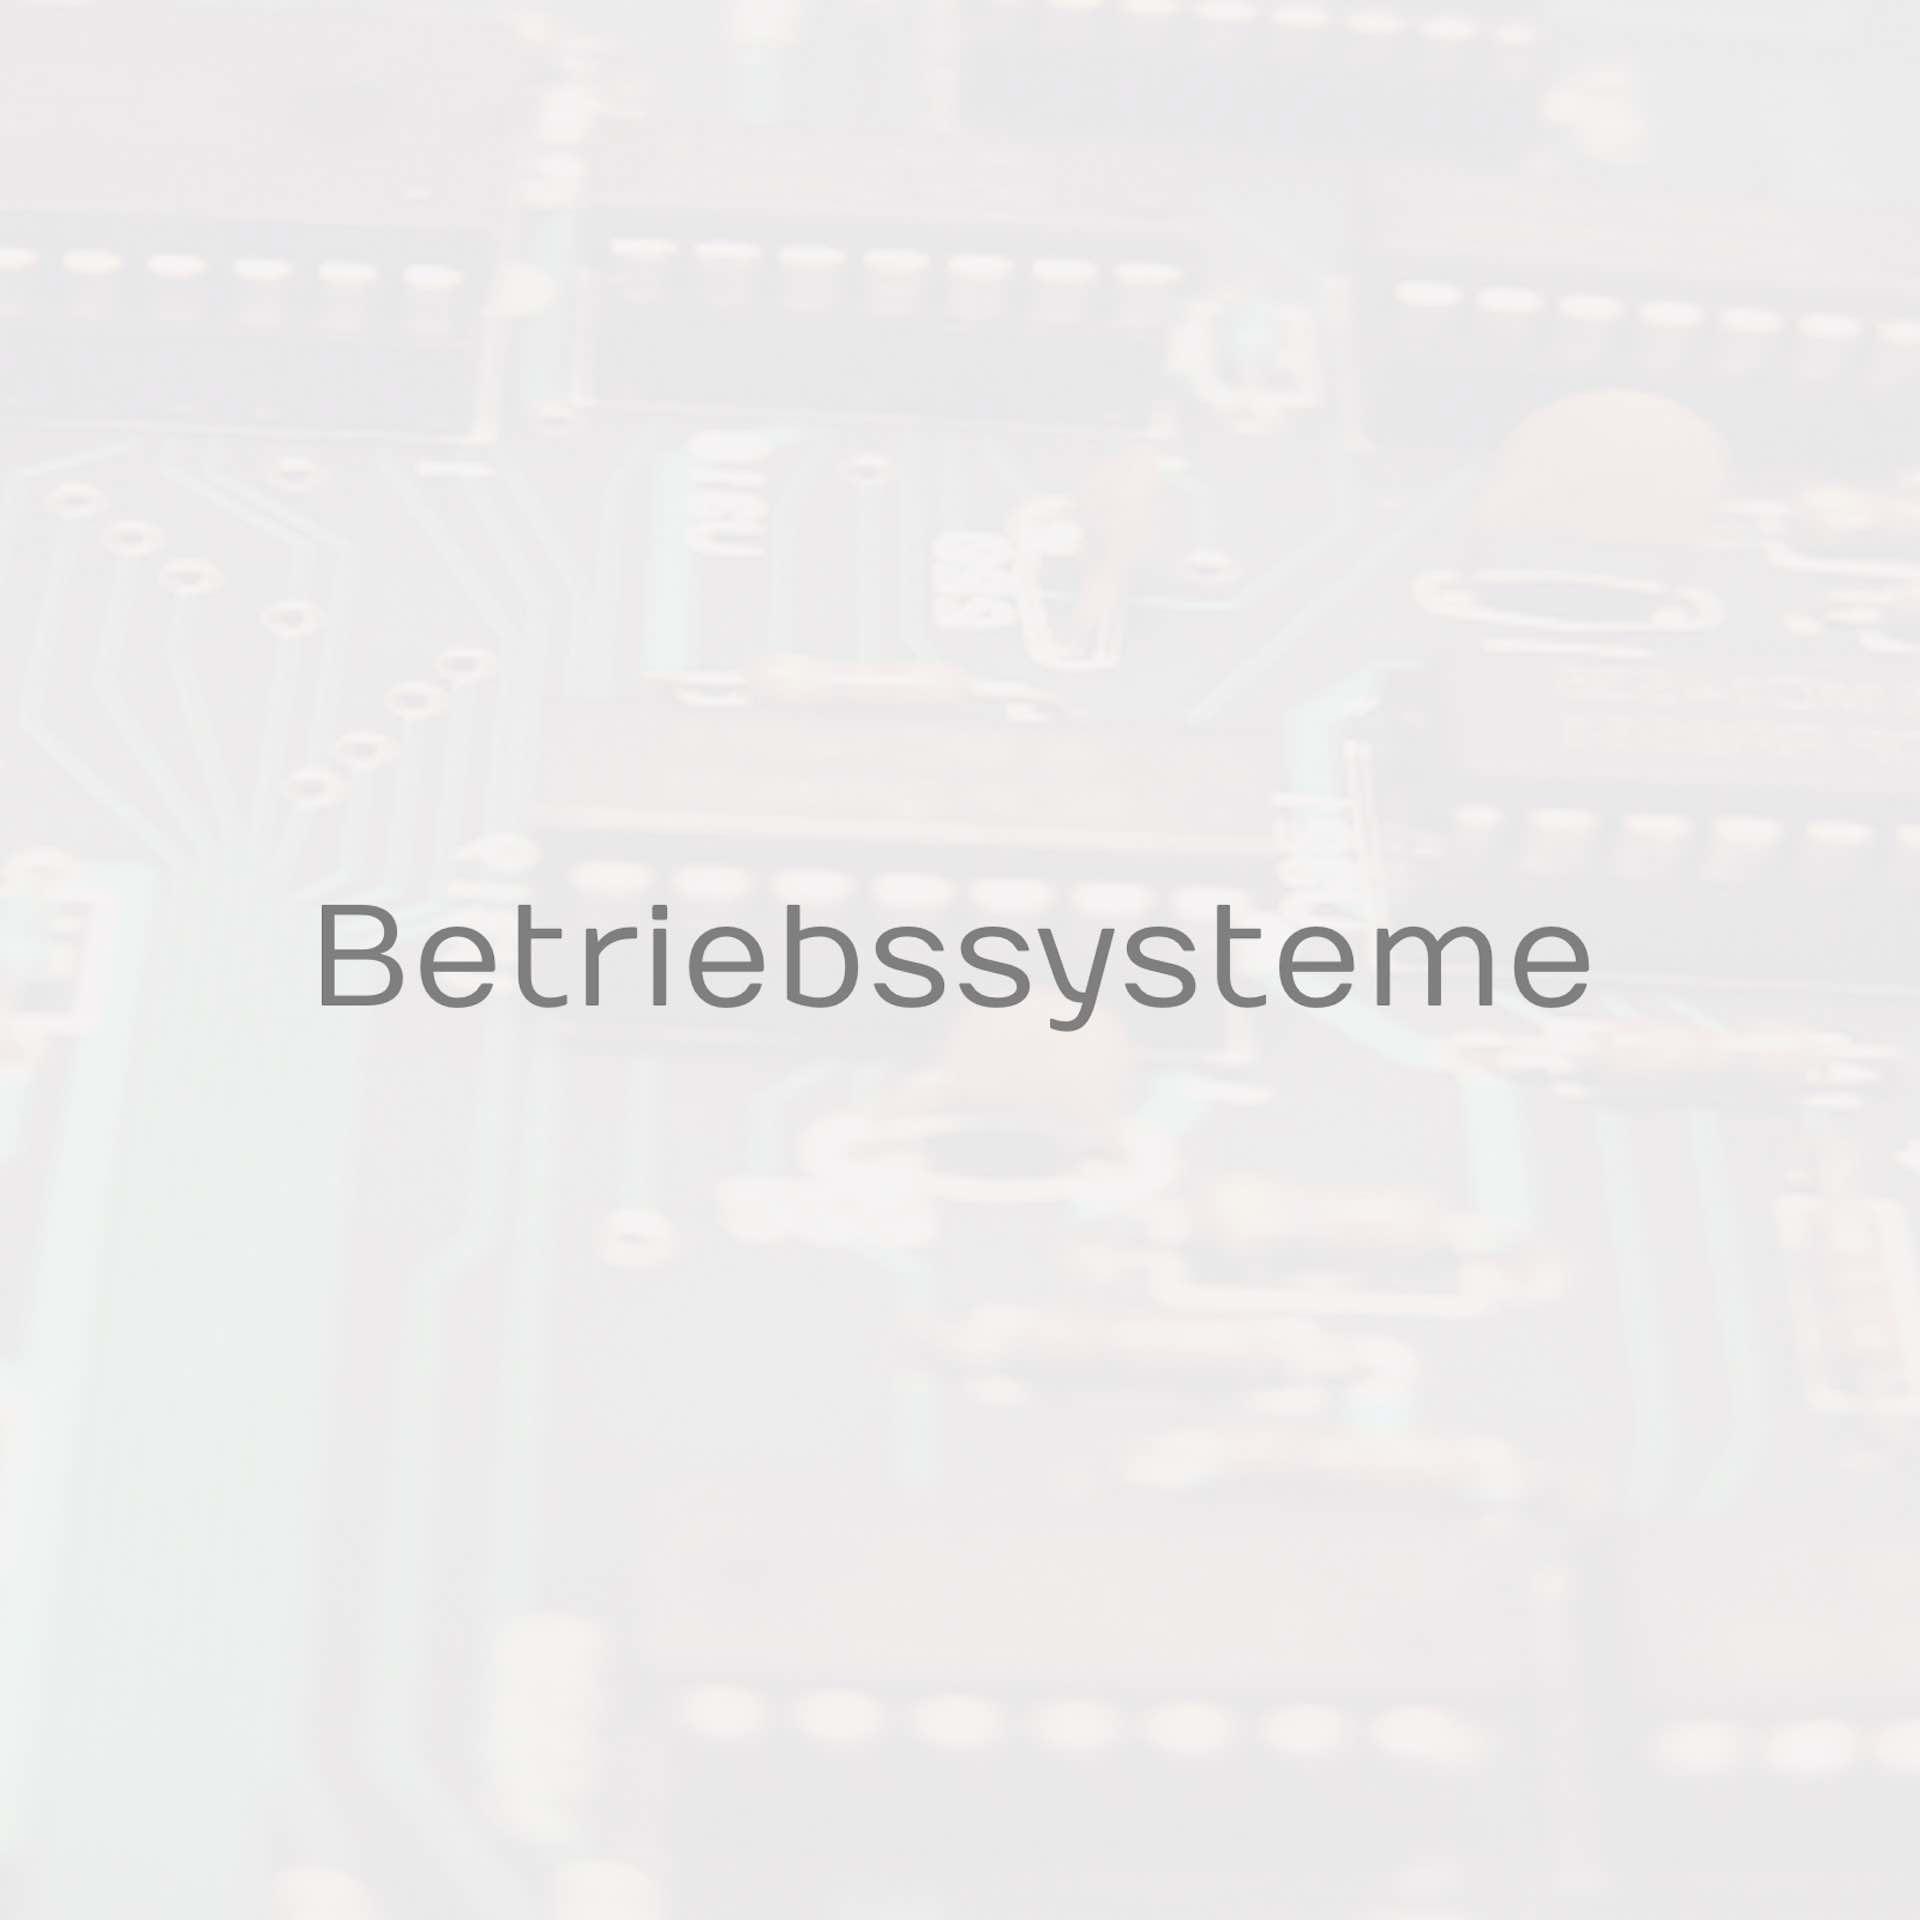 André_Heyer_Dienstleistungen_Betriebssysteme